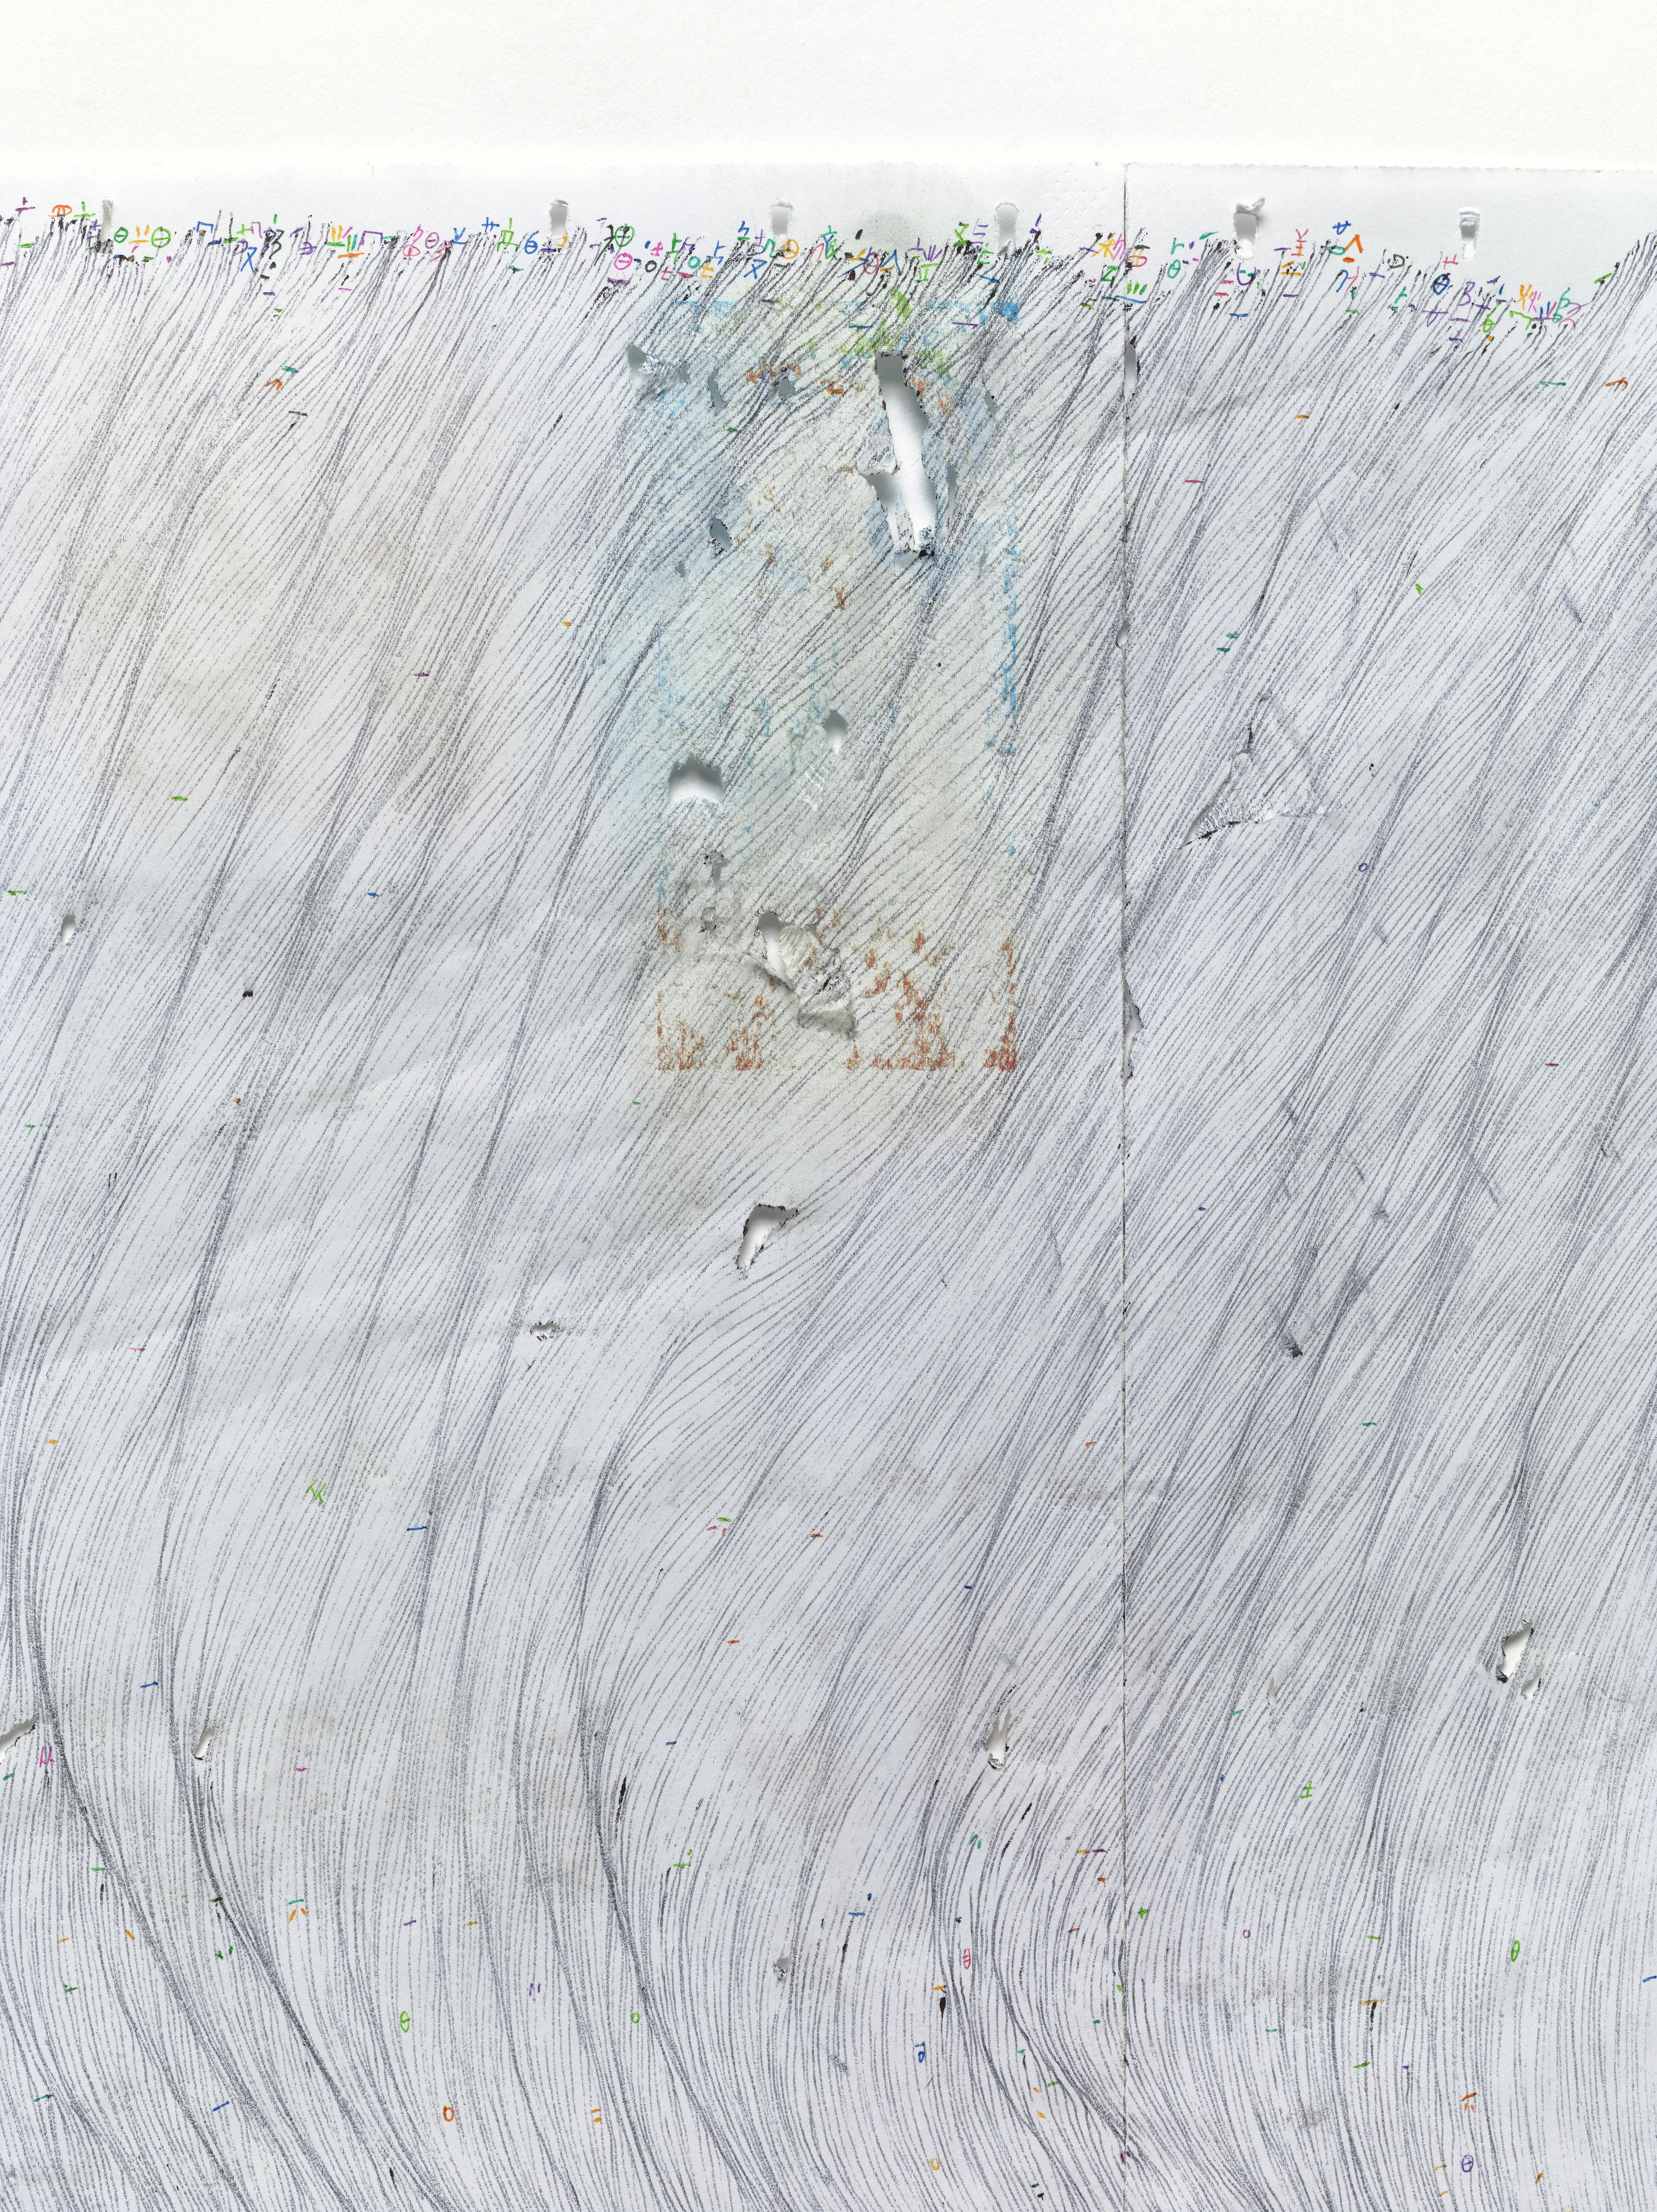 120b-a-rhythm-of-landscape-8-detail-1